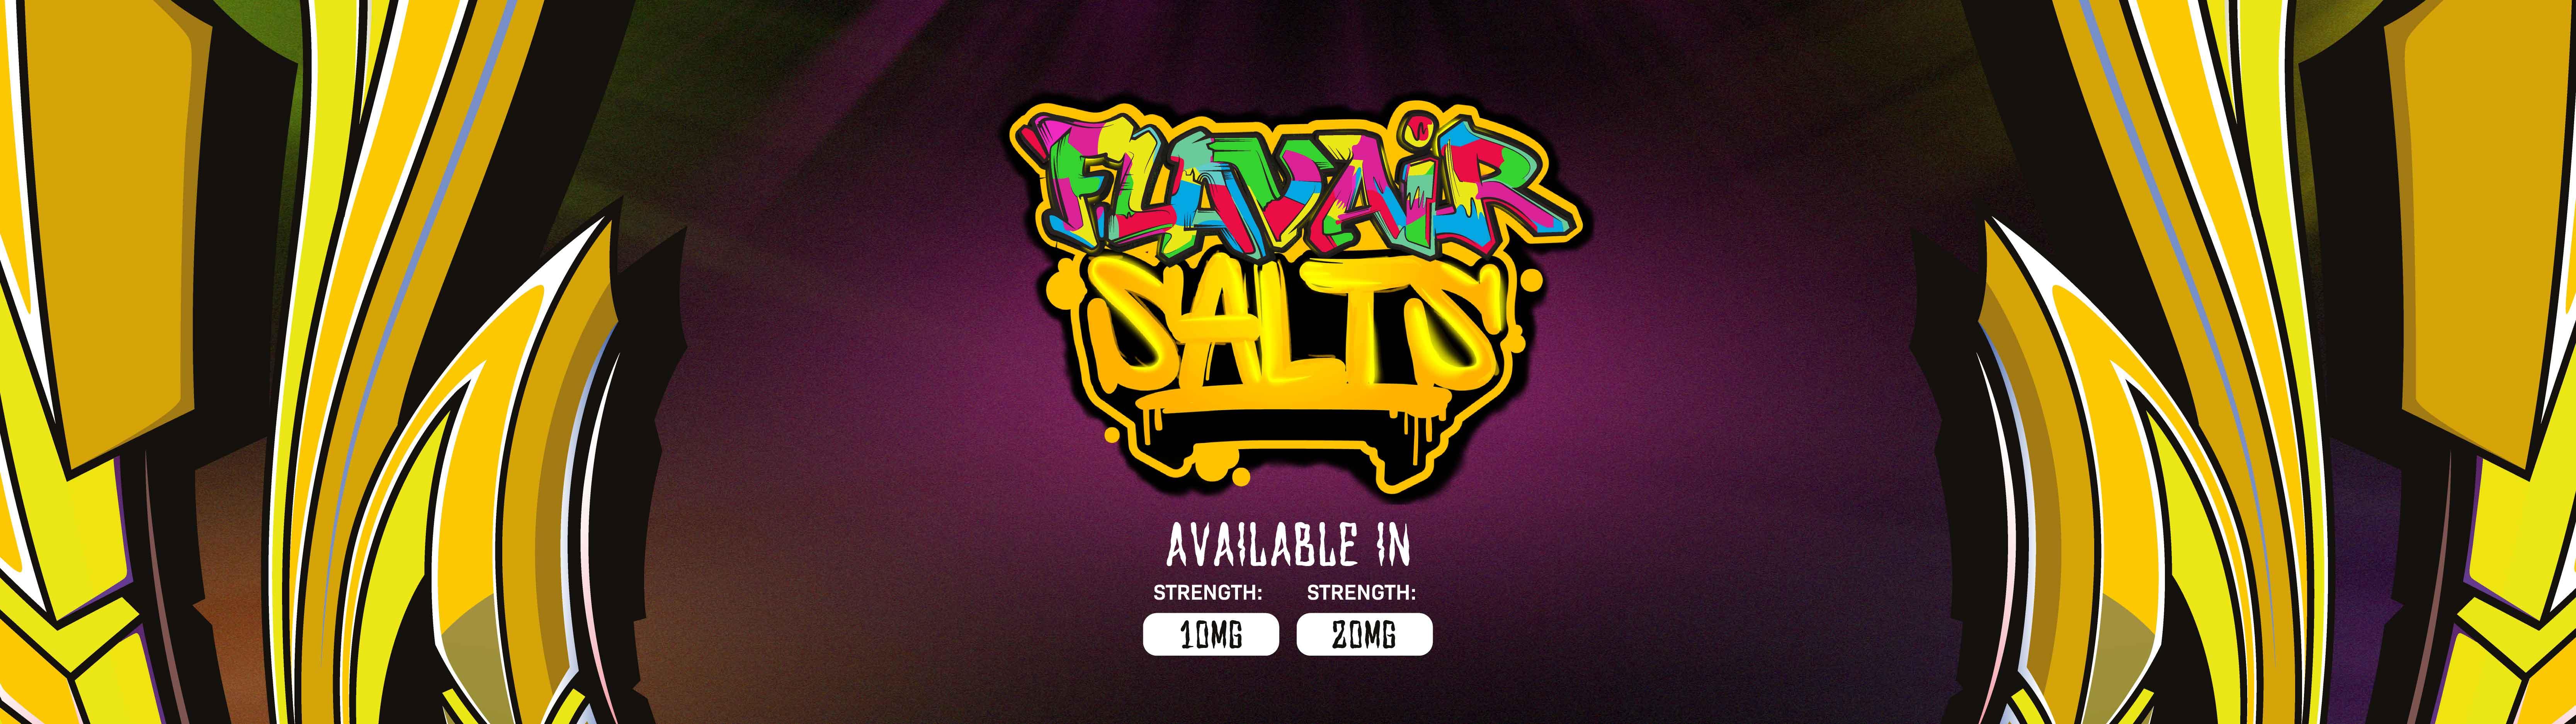 Flavair Salts